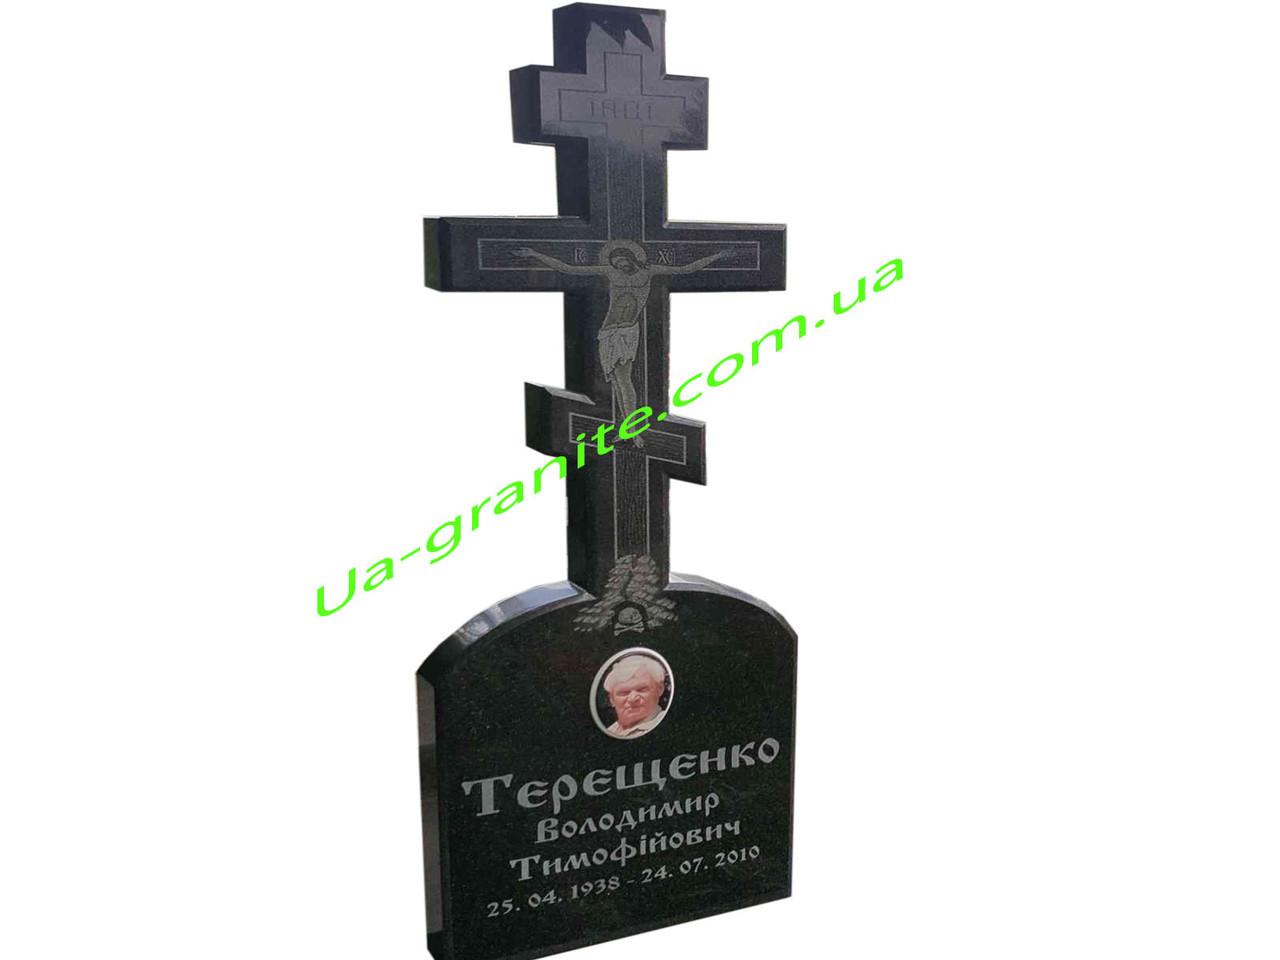 Православний хрест із граніту на кладовище чорного кольору.